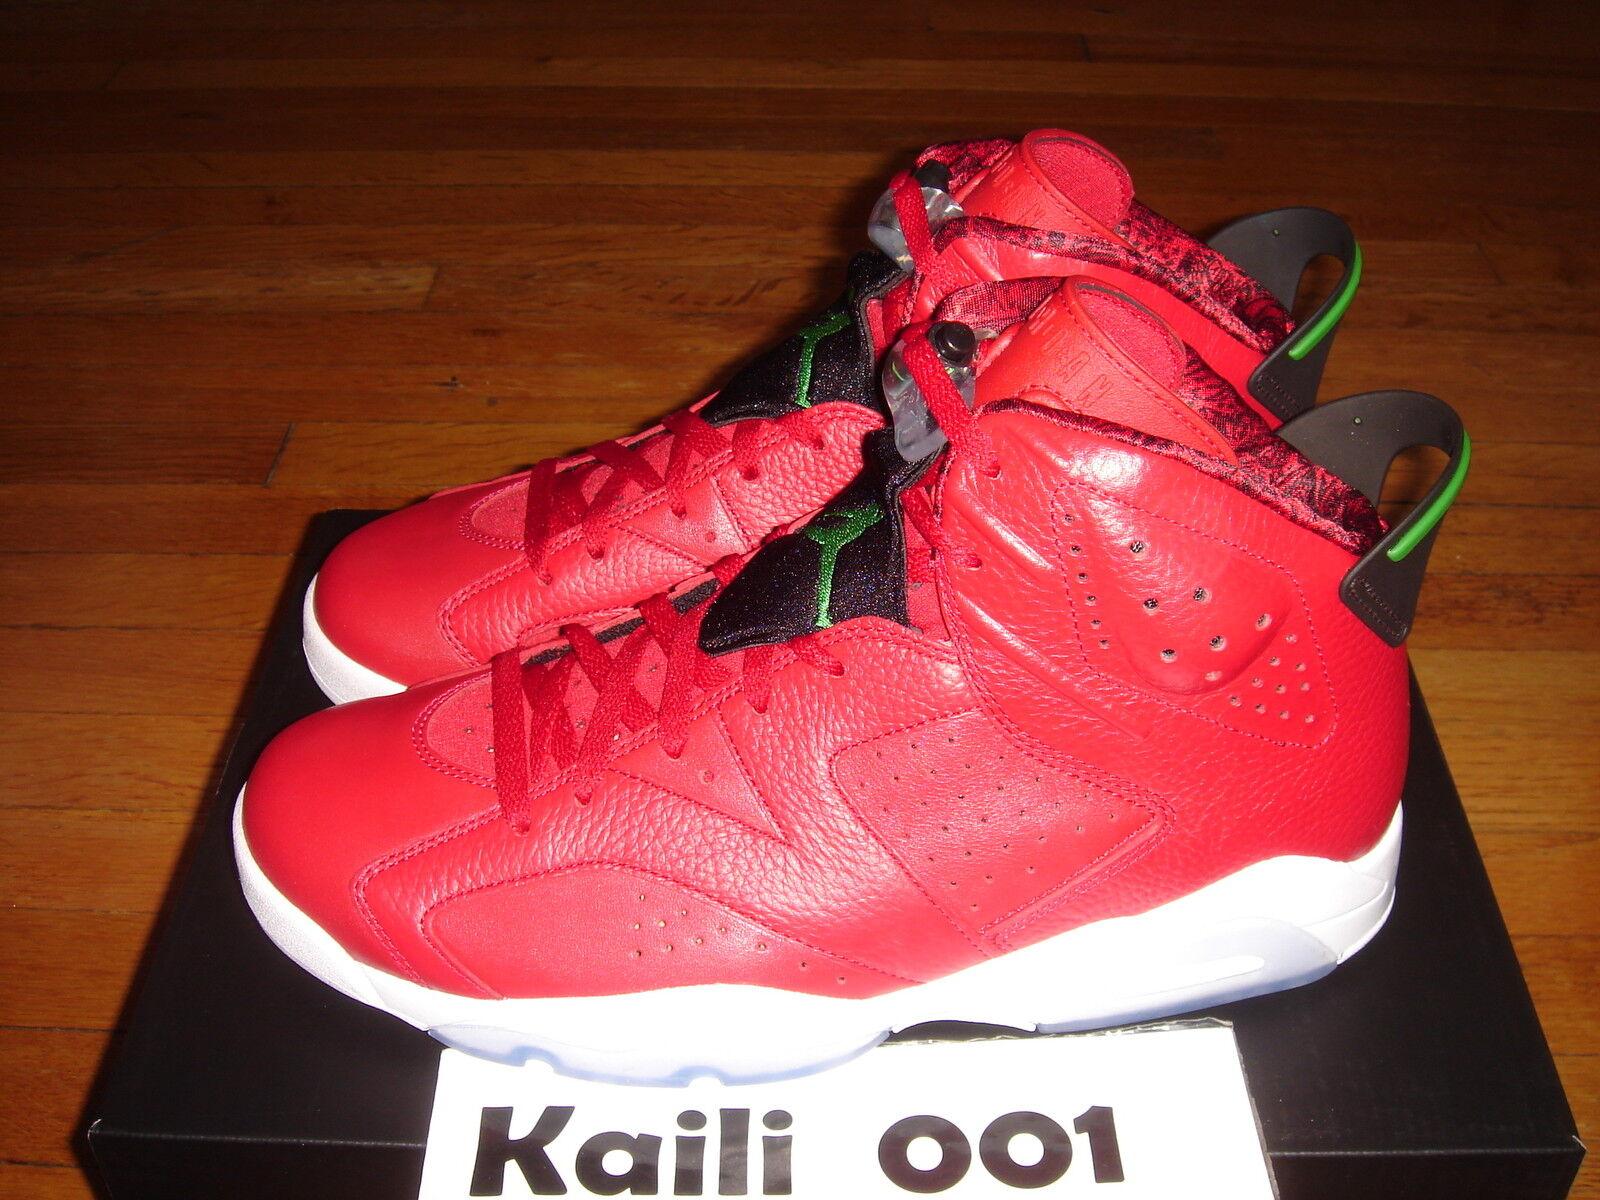 Nike Air Jordan 6 Retro Spizike History of Jordan Olympic Infrared DB Cigar A